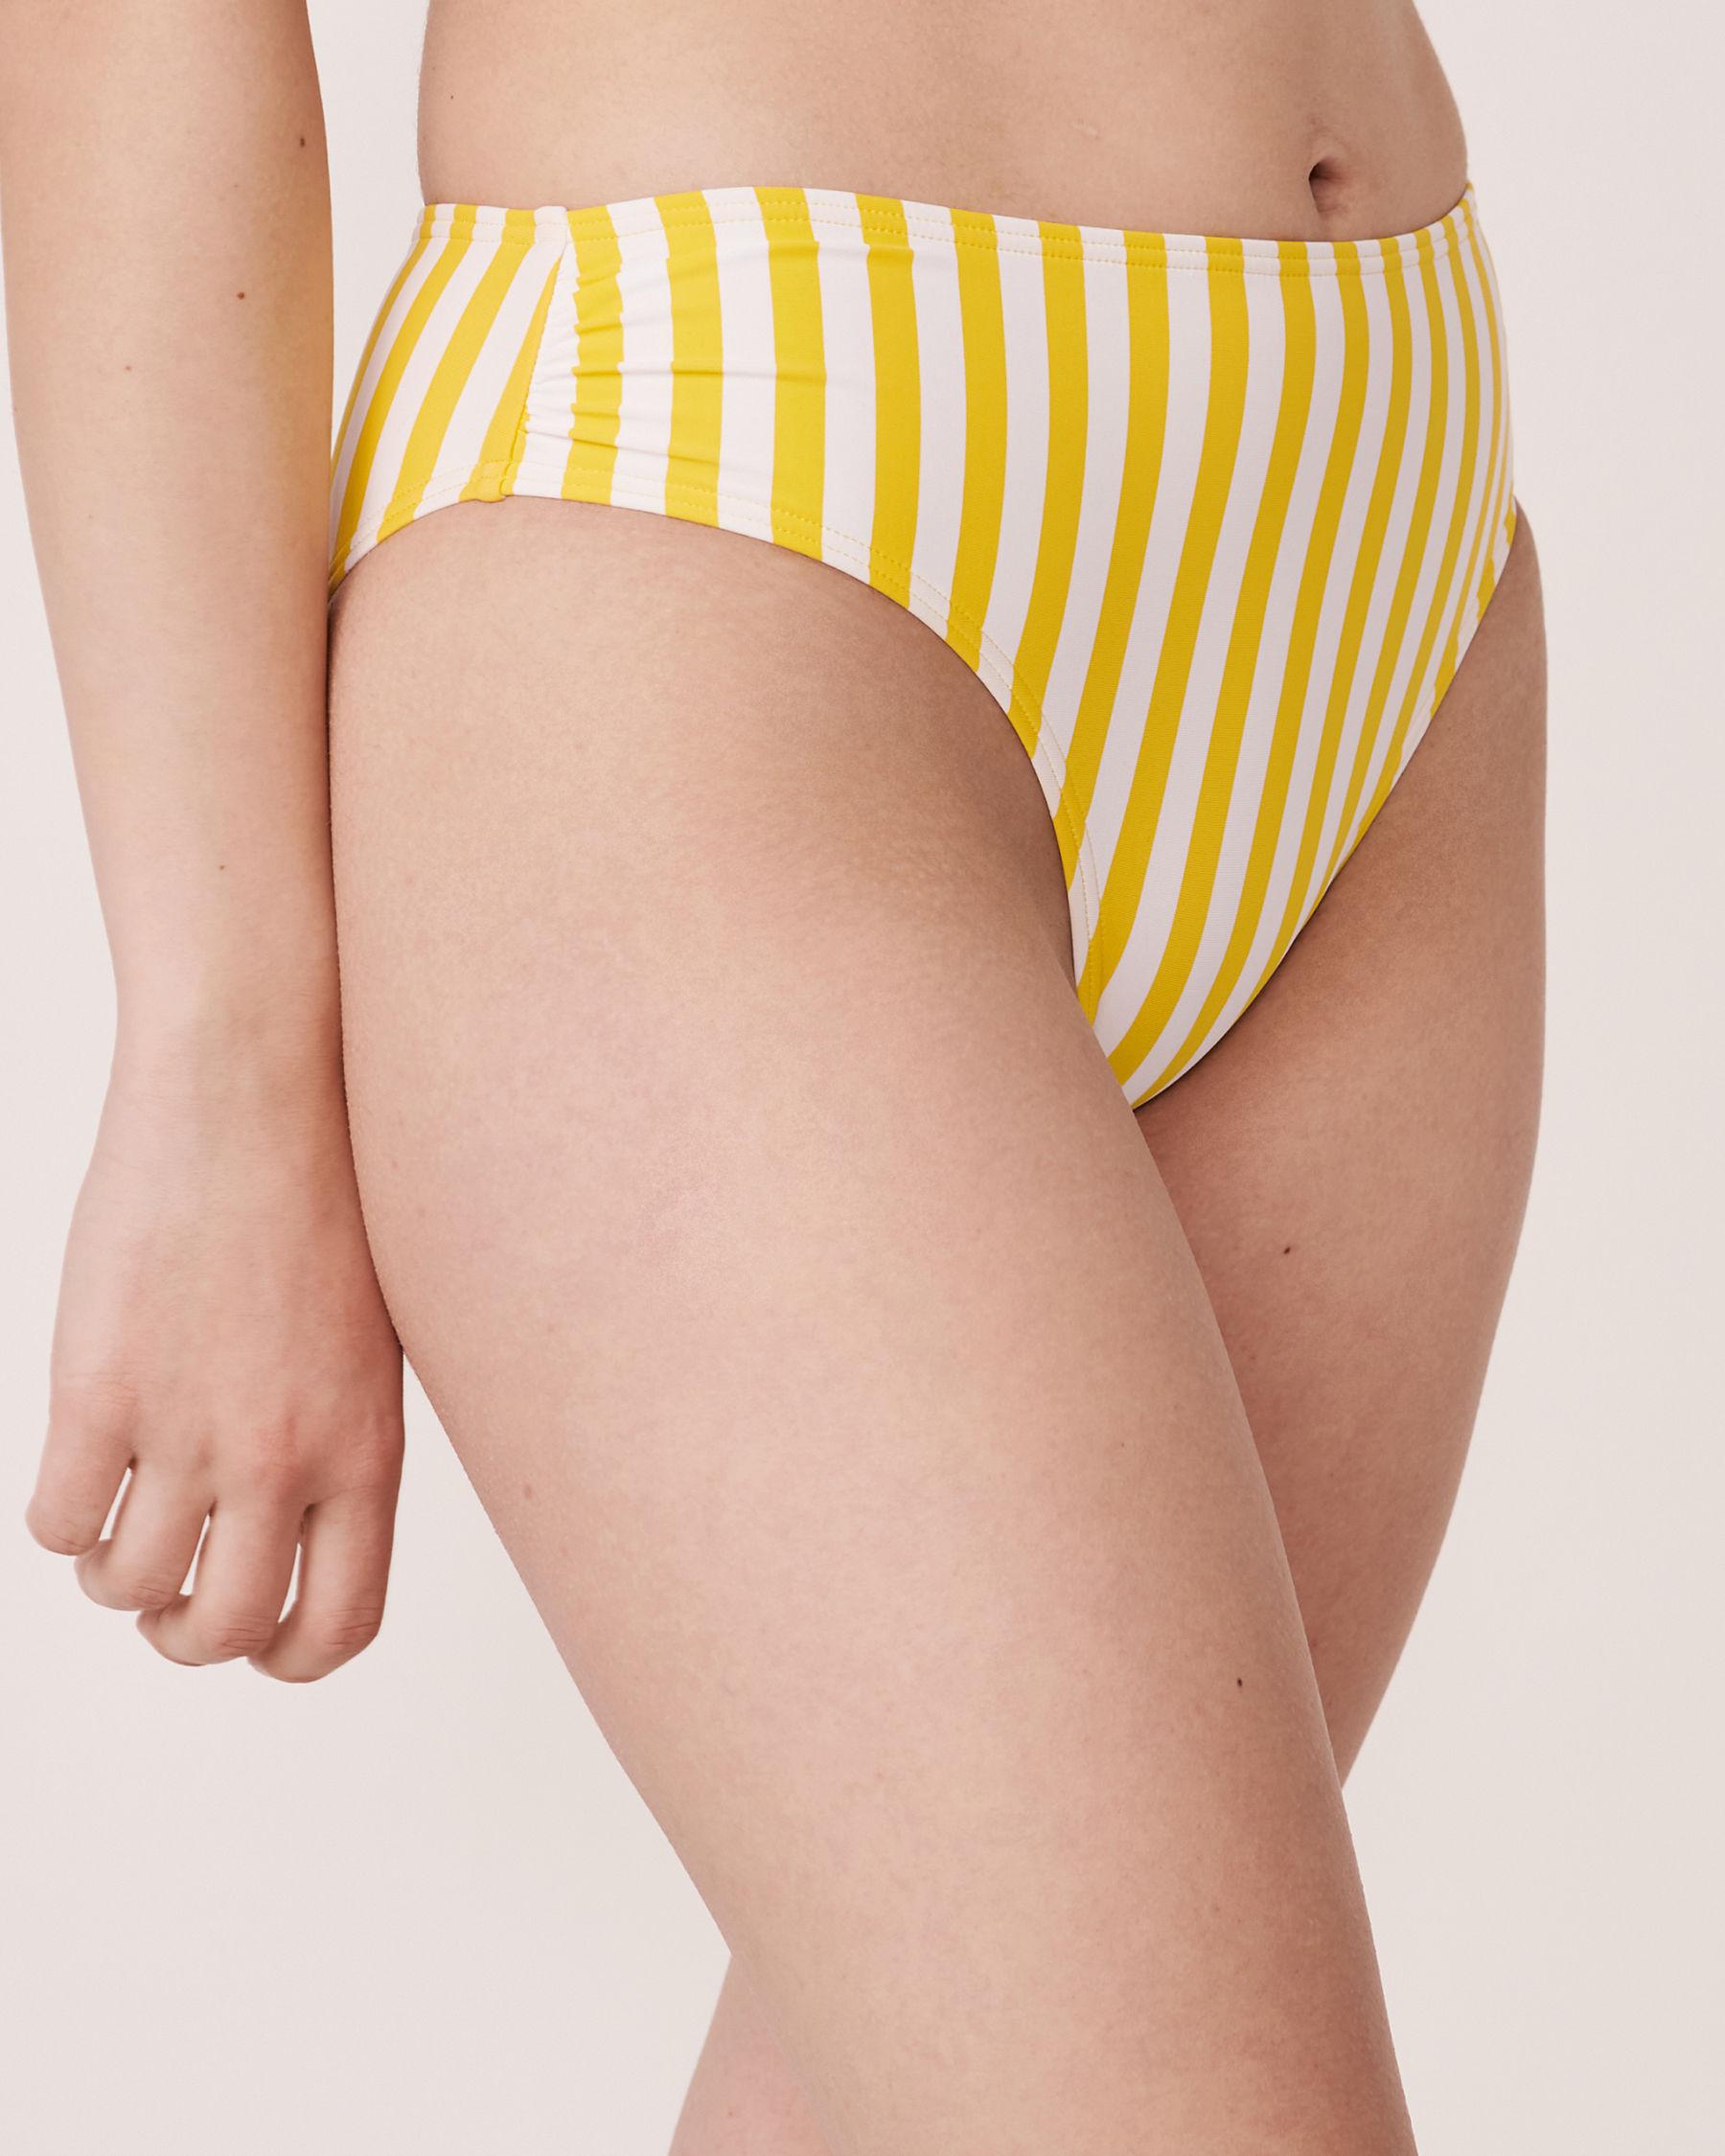 LA VIE EN ROSE AQUA Bas de bikini brésilien taille haute en fibres recyclées YELLOW SUBMARINE Rayures jaunes et blanches 70300095 - Voir1